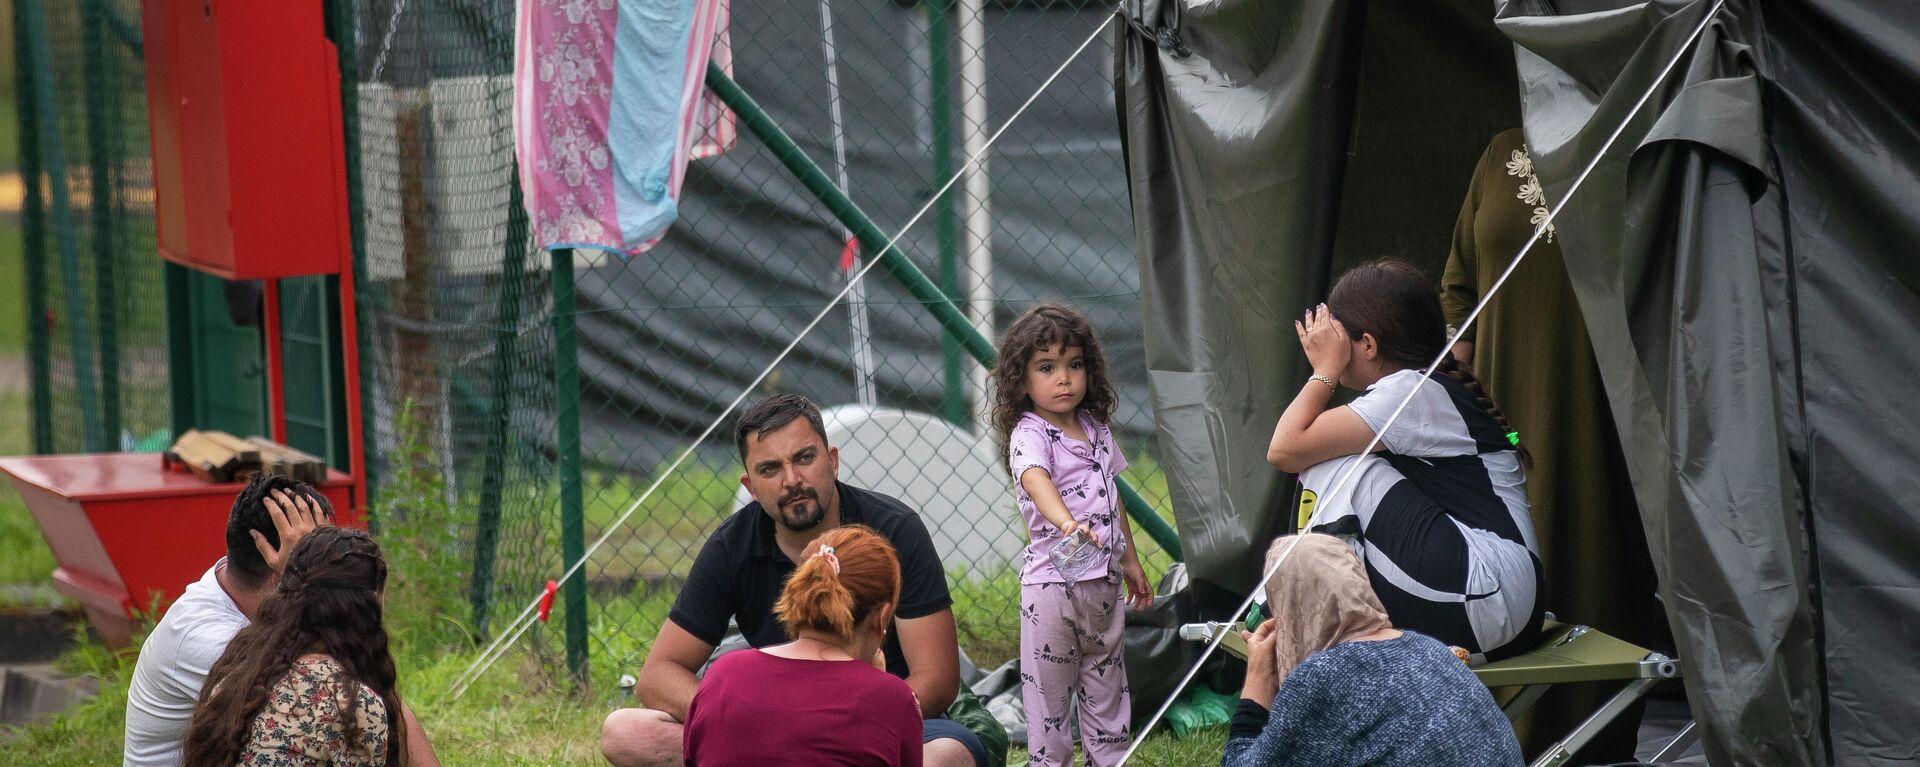 Нелегальные мигранты в лагере на границе Литвы и Белоруссии - Sputnik Латвия, 1920, 09.09.2021